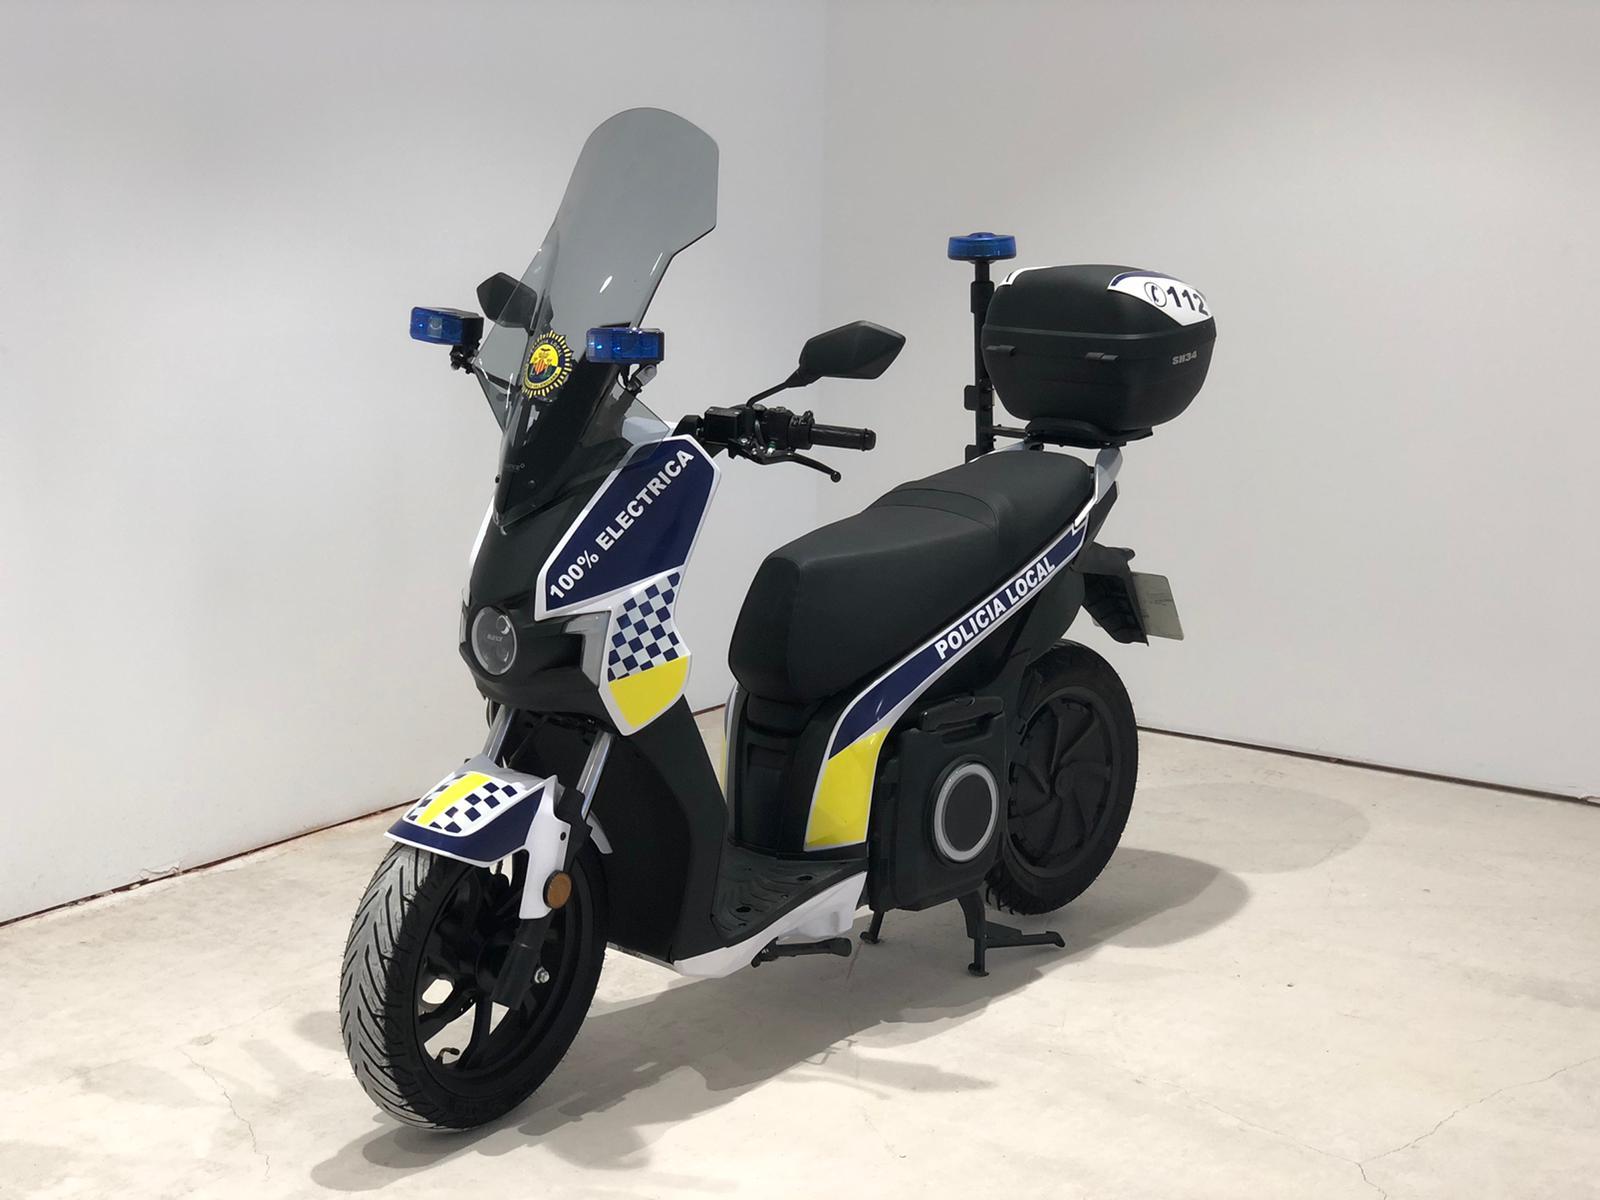 moto-electrica-Silence-S01-Policia